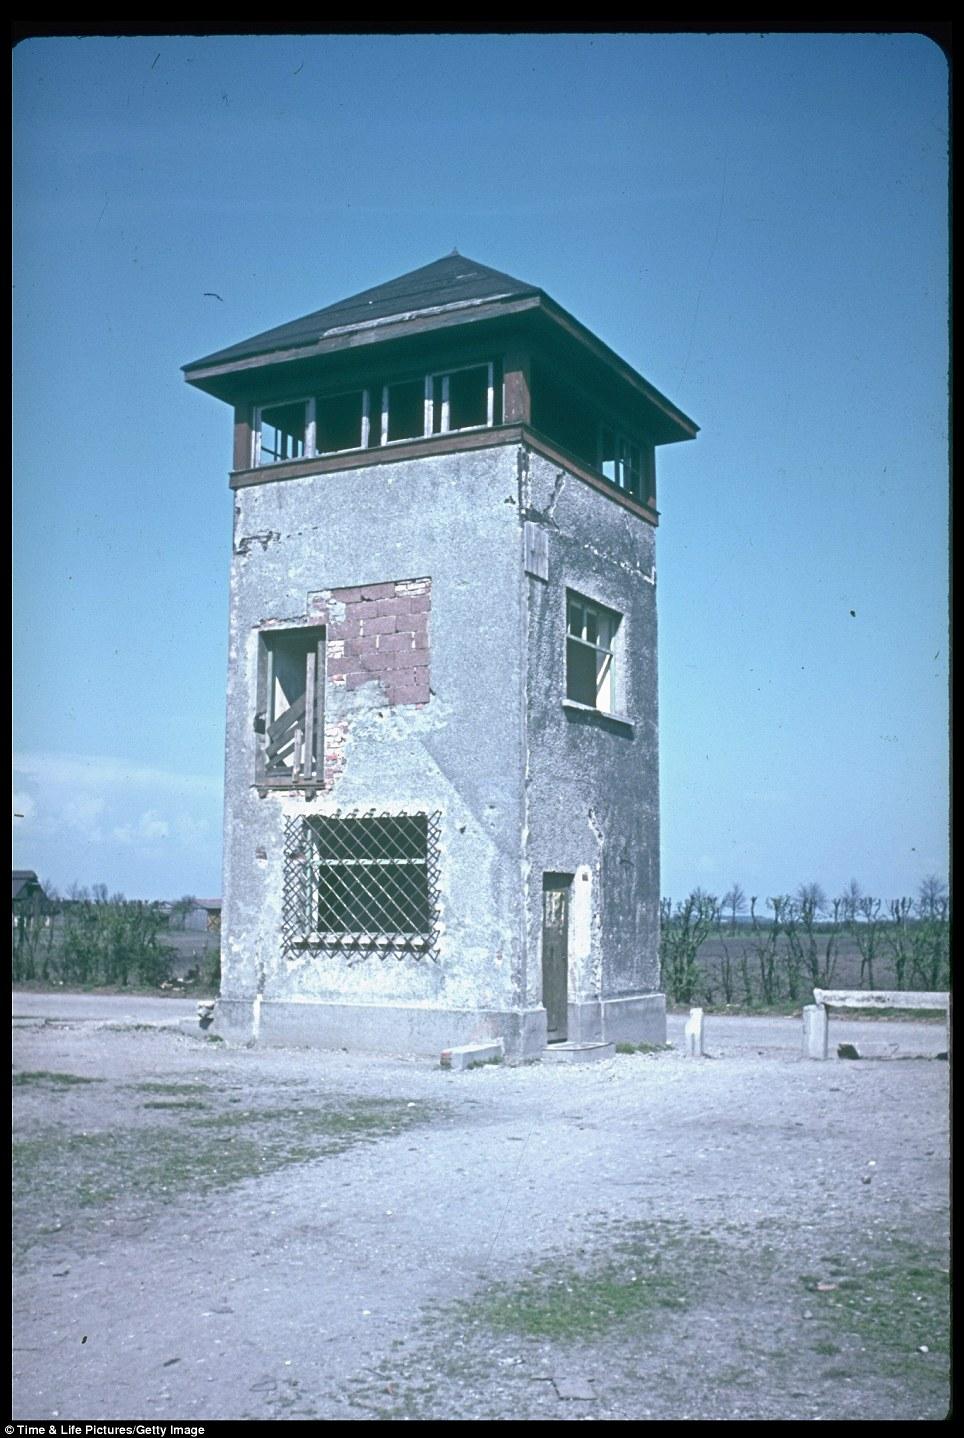 Hình ảnh Những hình ảnh lạnh người về trại tập trung Dachau thời Phát xít Đức số 15